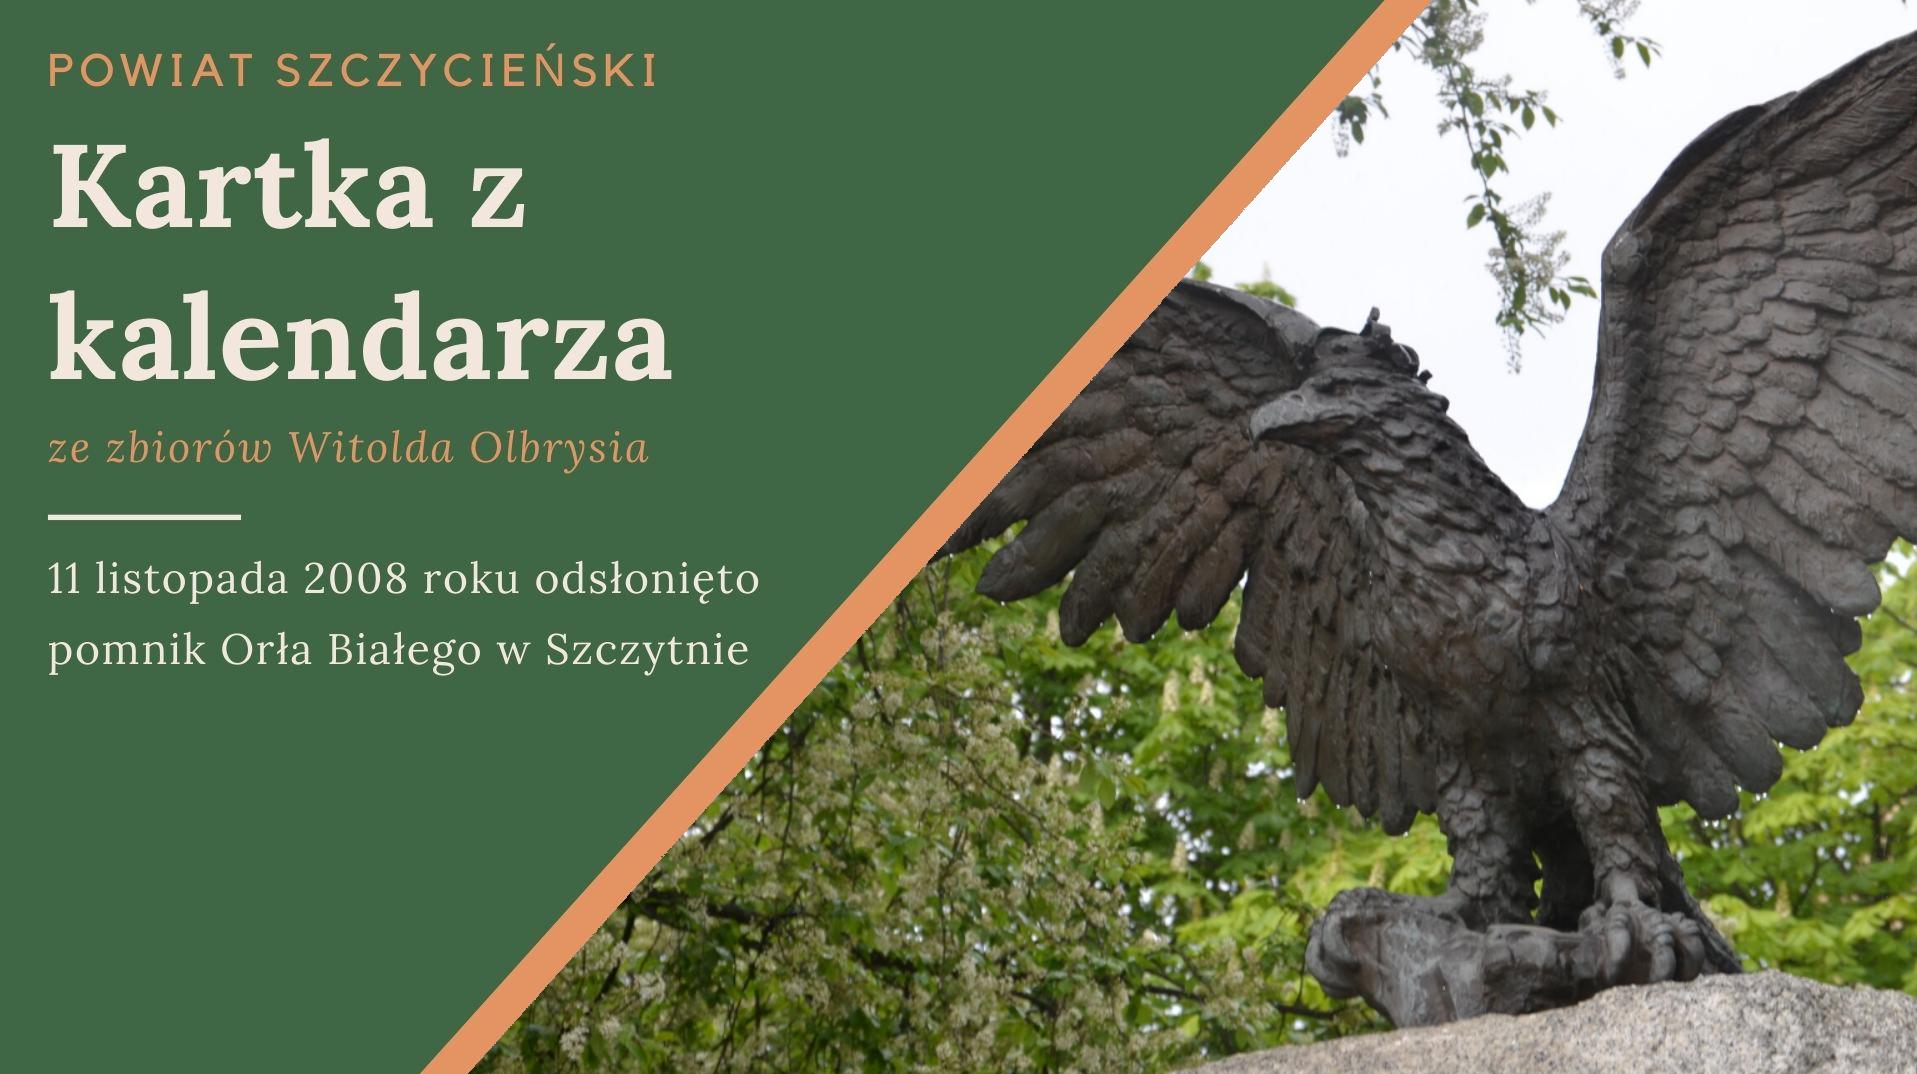 https://m.powiatszczycienski.pl/2020/11/orig/kalendarz-historyczny-14-35894.jpg